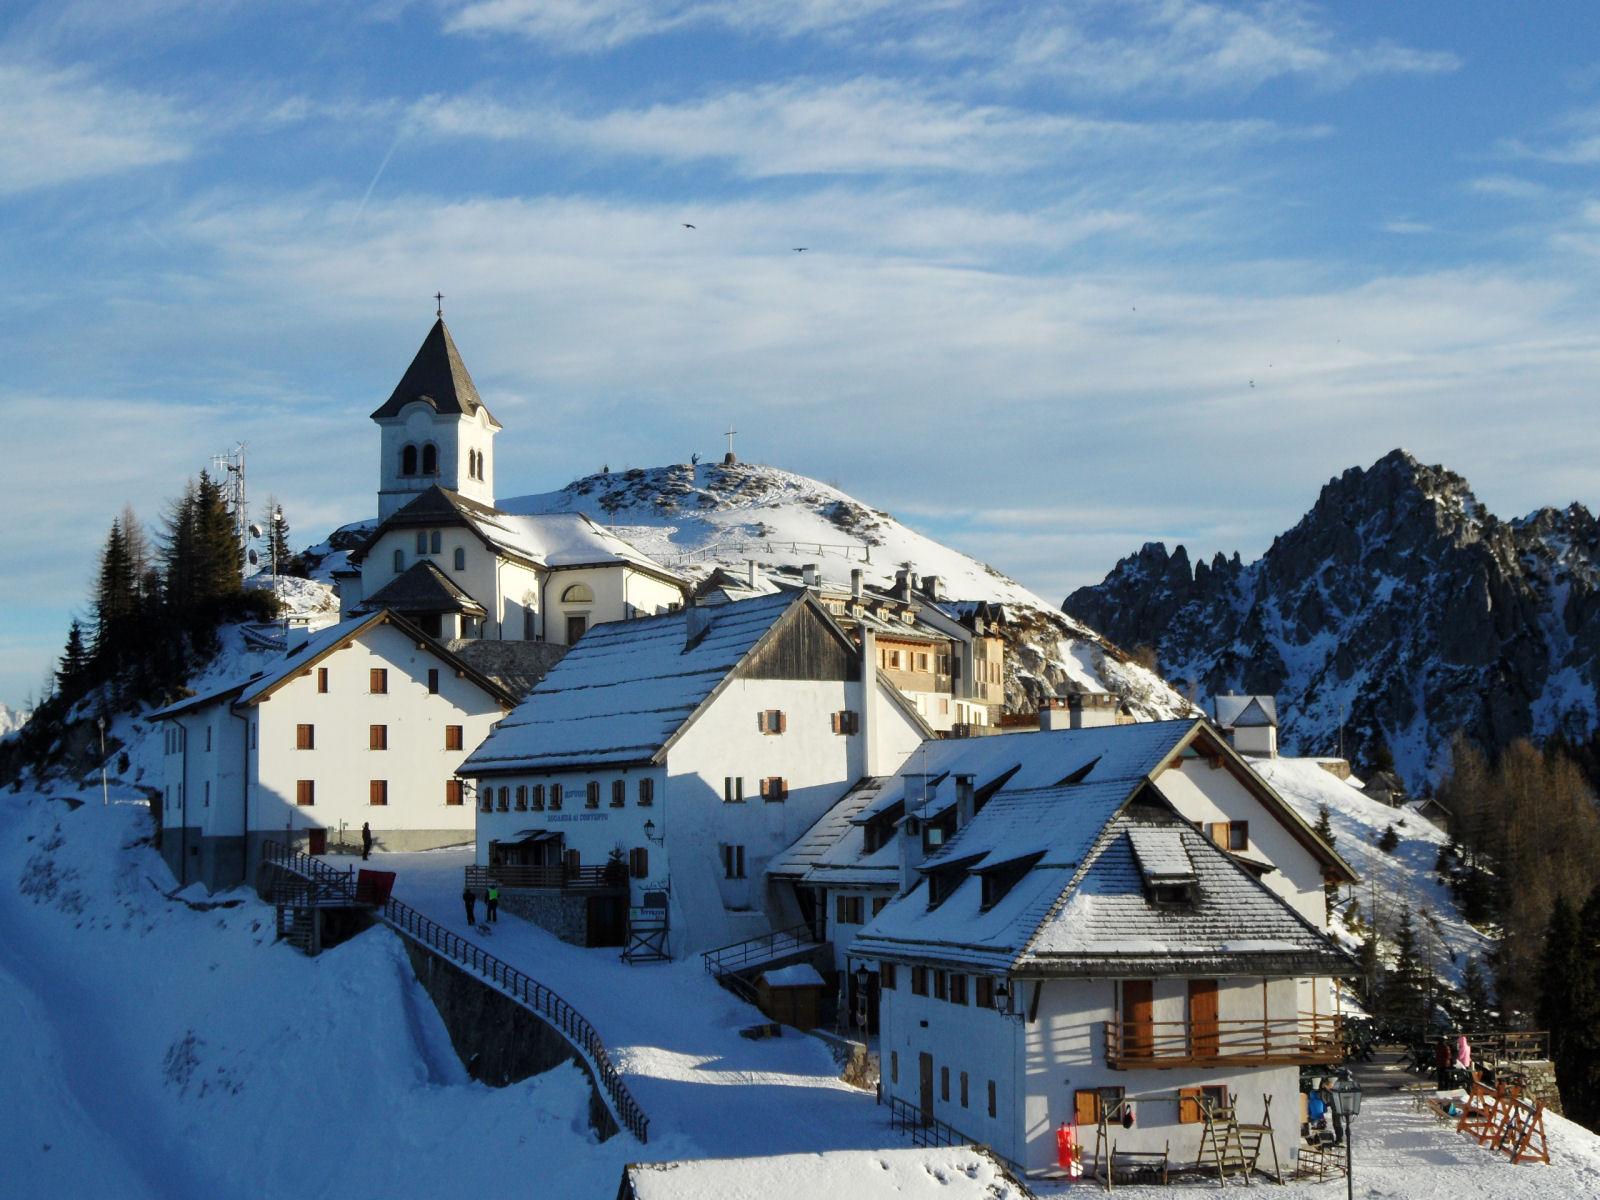 Monte Santo di Lussari in the wintertime, Tarvisio, province of Udine, region Friuli-Venezia Giulia, Italy